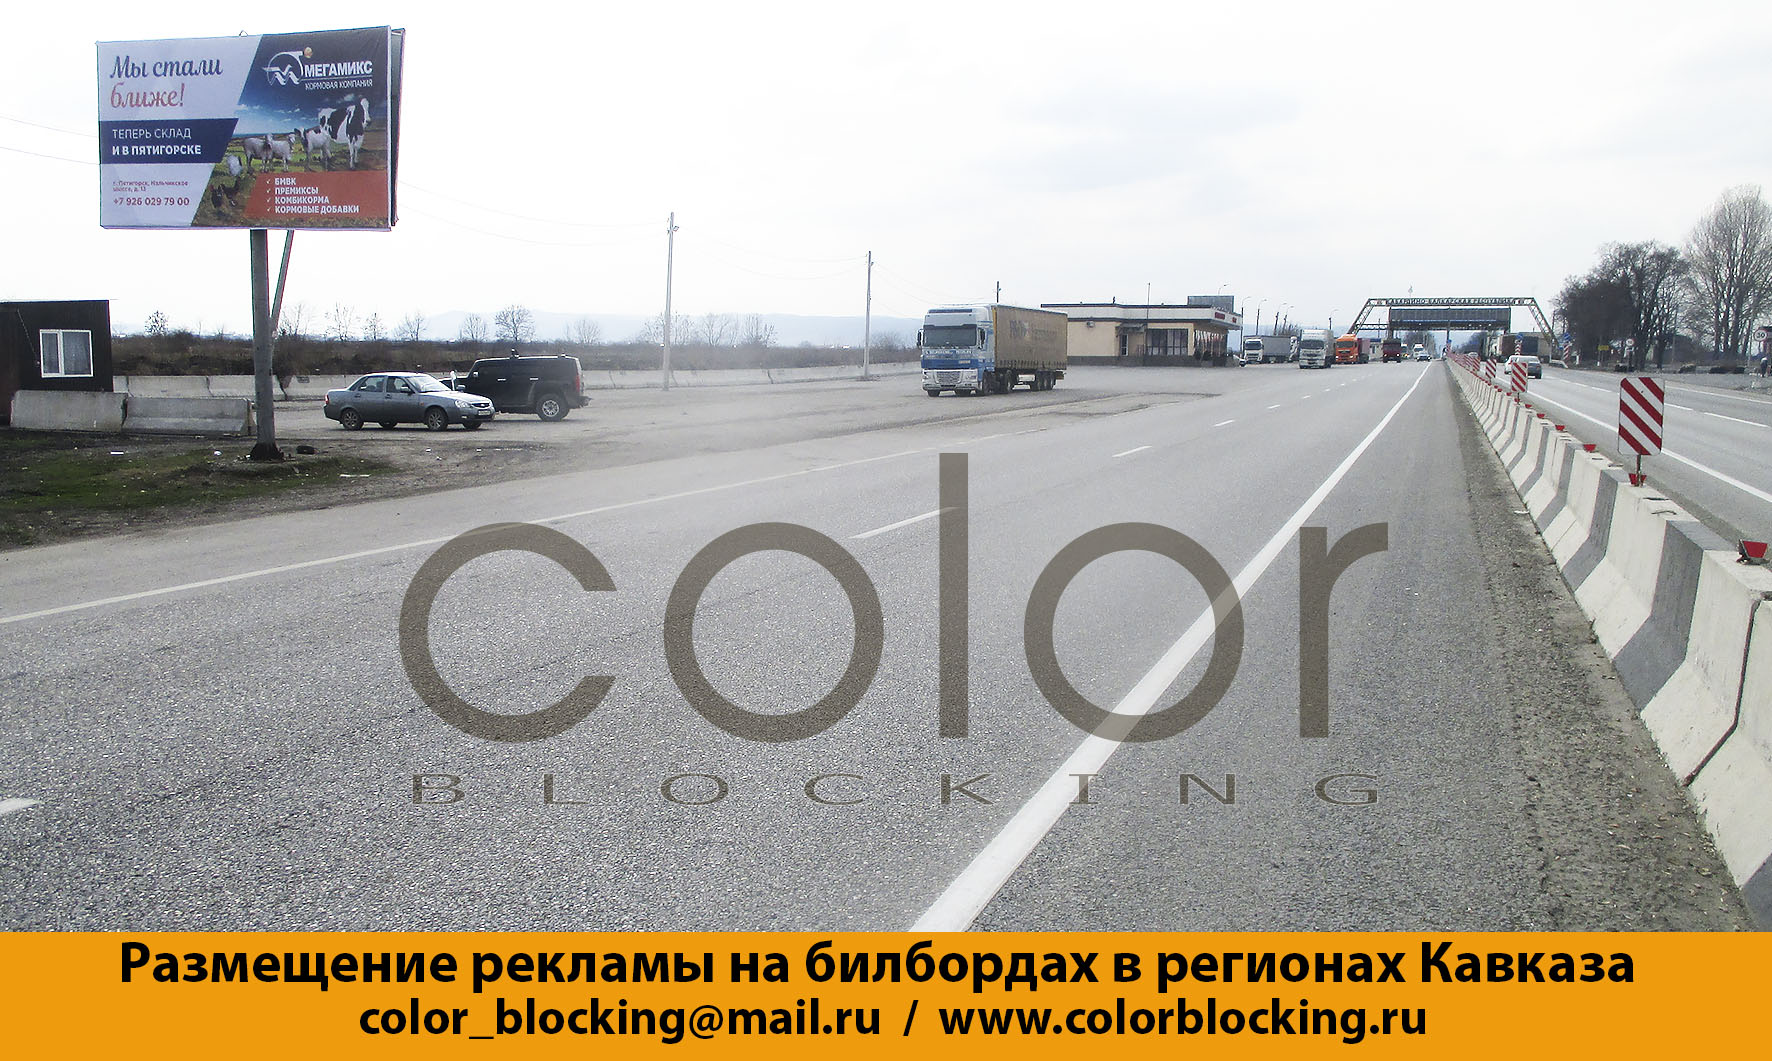 Реклама на билбордах на Кавказе РСО-Алания